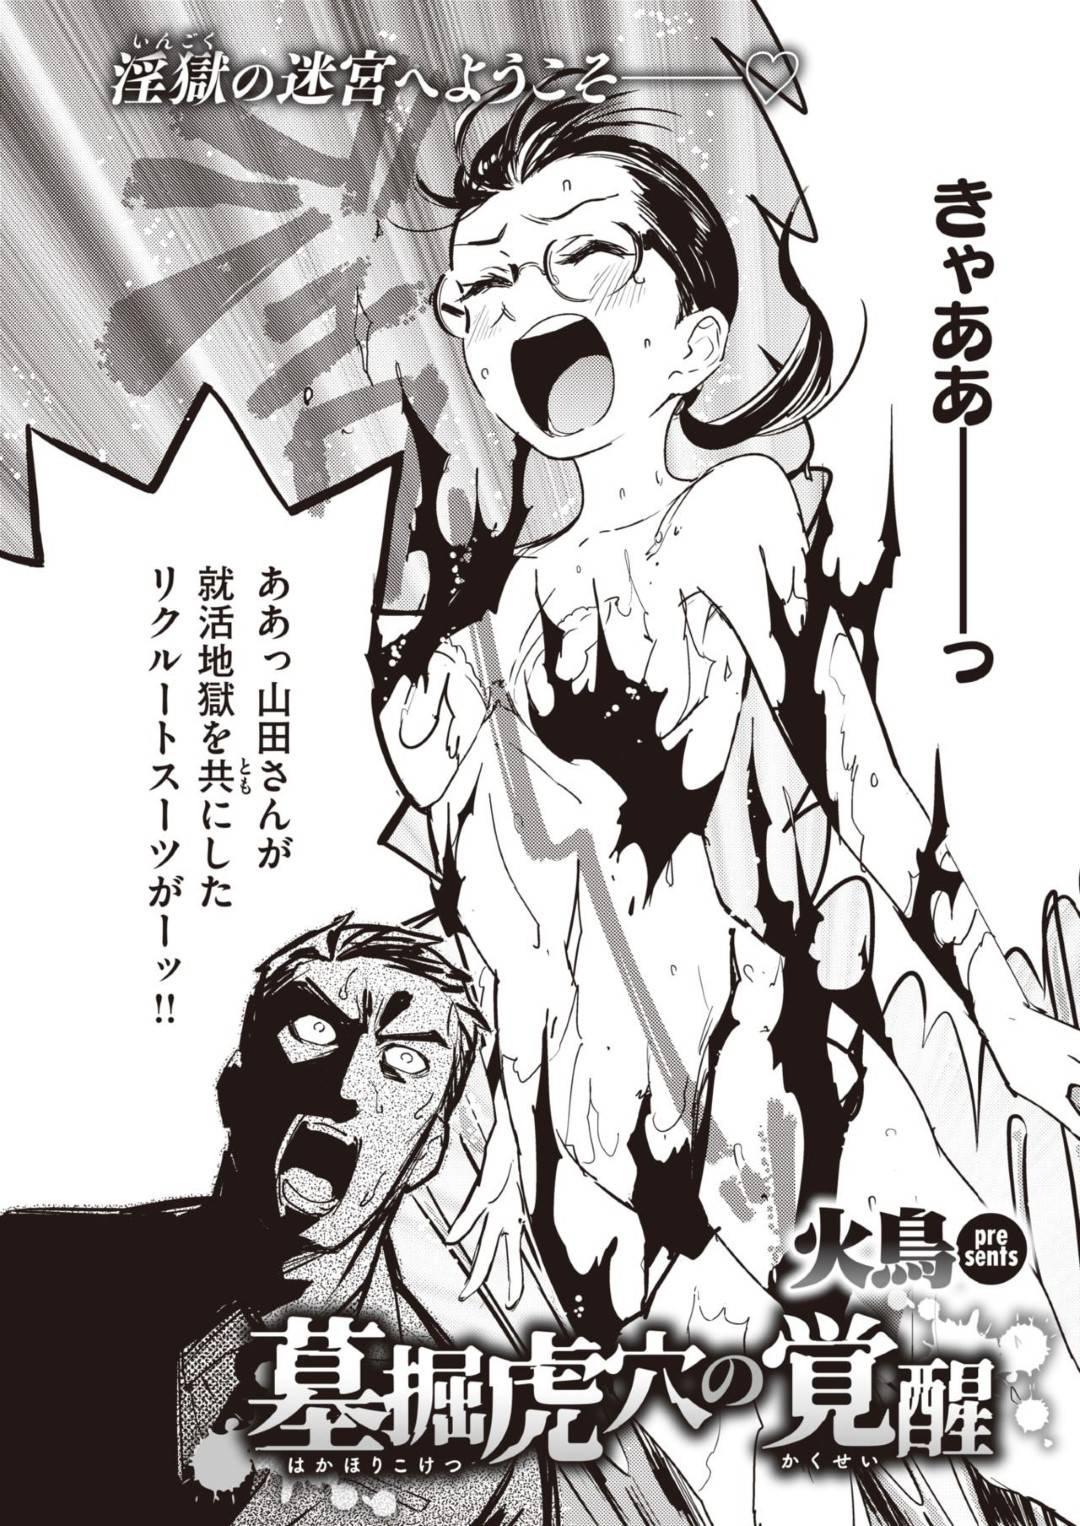 【エロ漫画】服だけ溶かすスライムに就活を共にしたリクルートスーツを溶かされてしまった真面目女子…エロダンジョントラップに男友達と挑む!【火鳥】